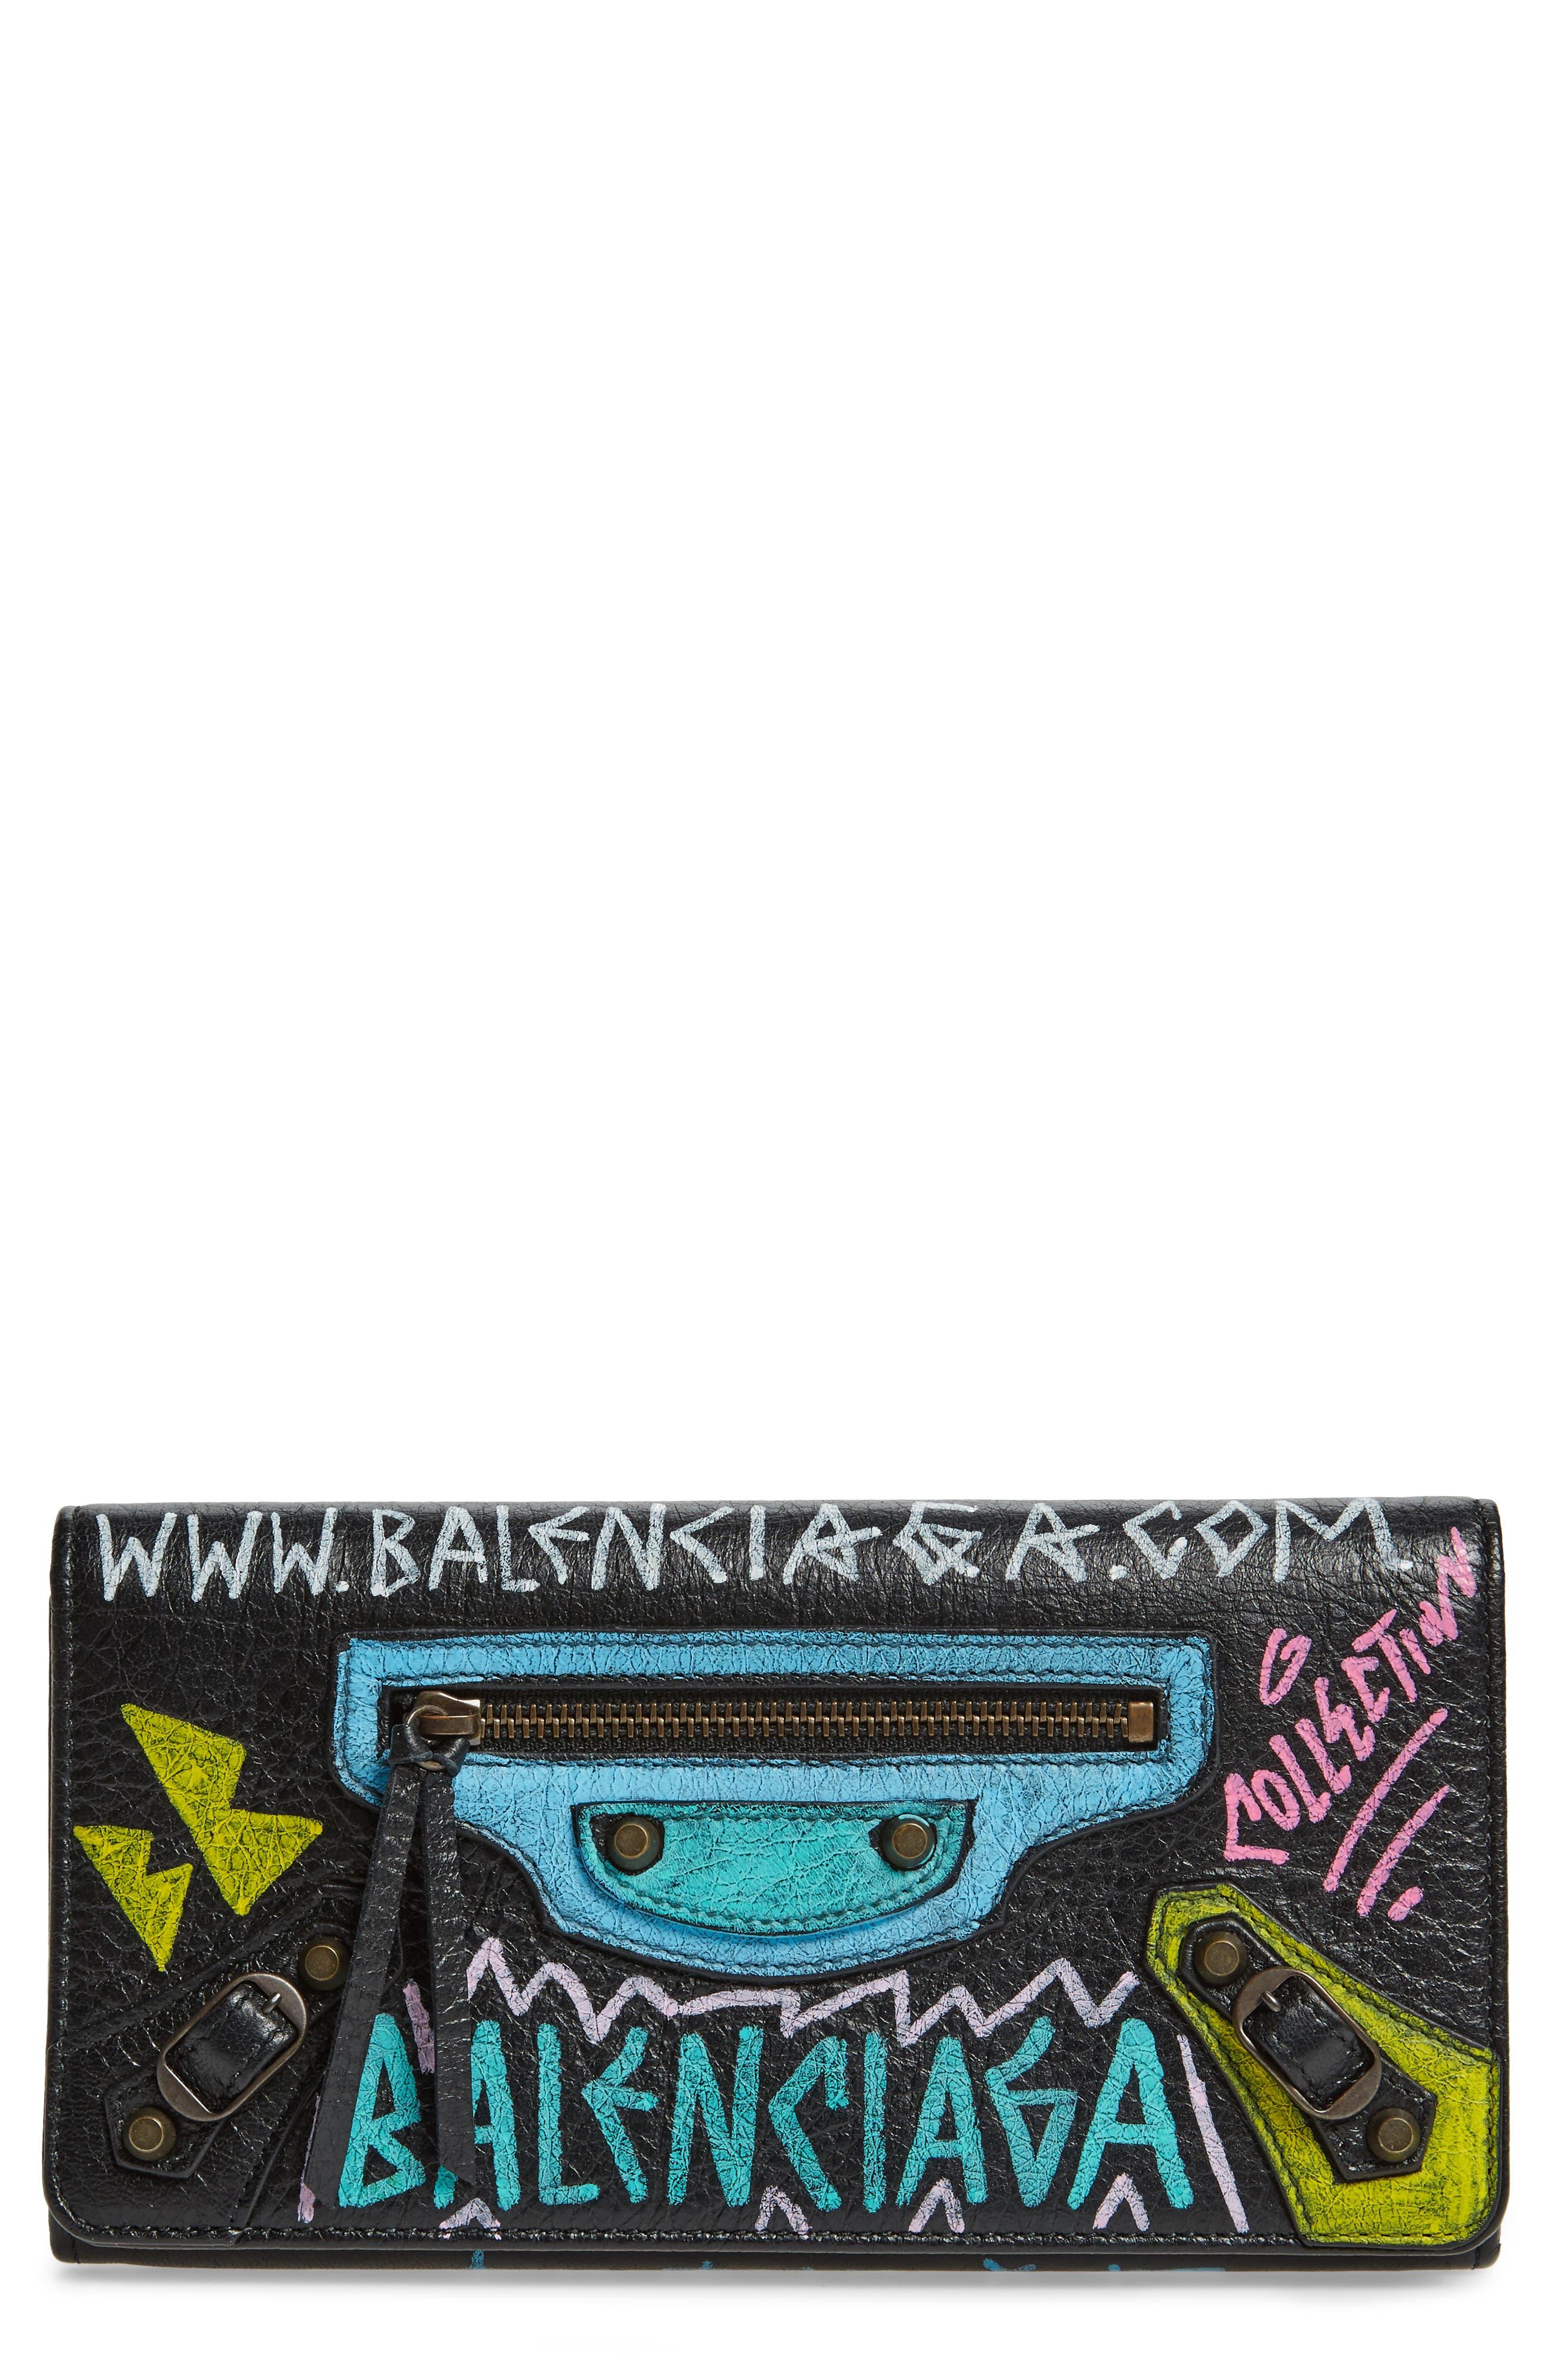 Classic Graffiti Leather Wallet,                             Main thumbnail 1, color,                             Noir/ Multi Color